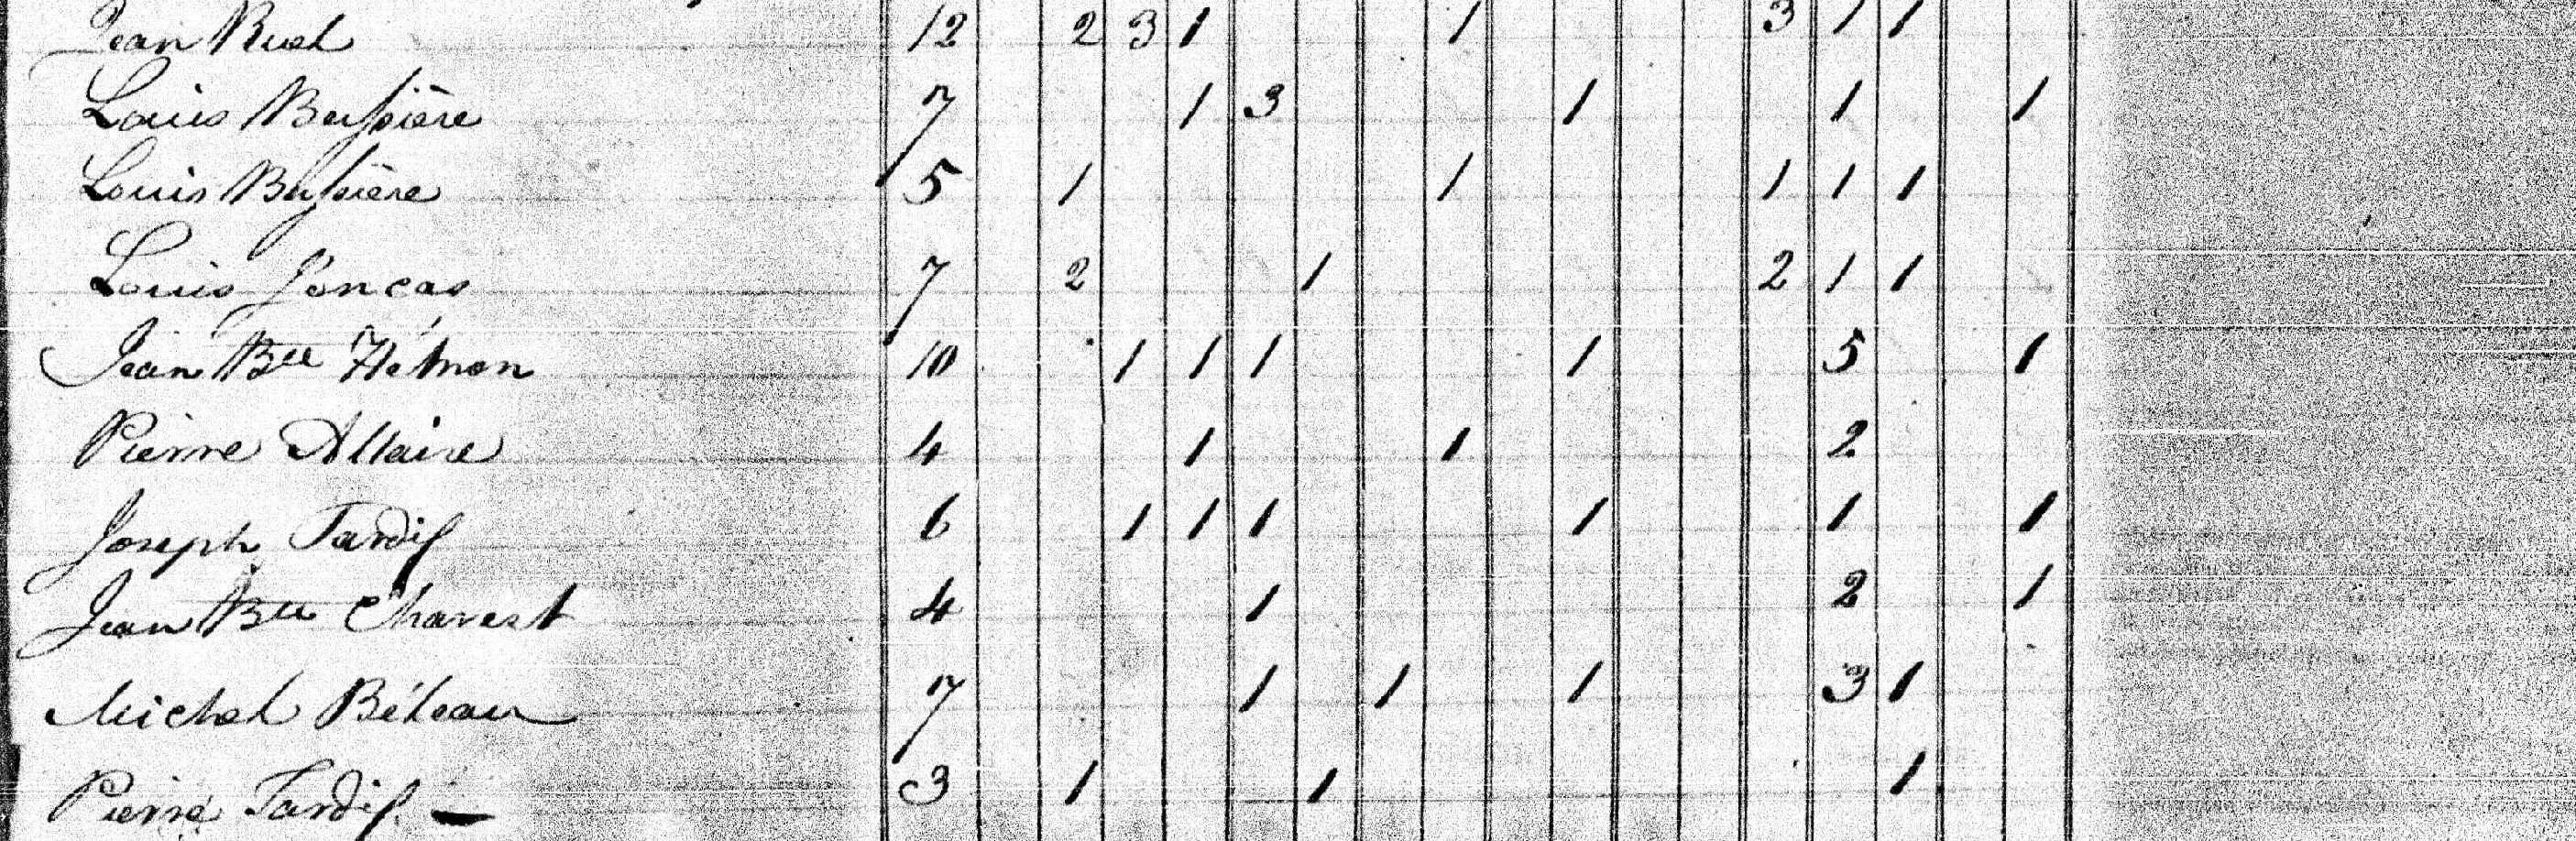 RECENSEMENT DE 1831 1825_r12